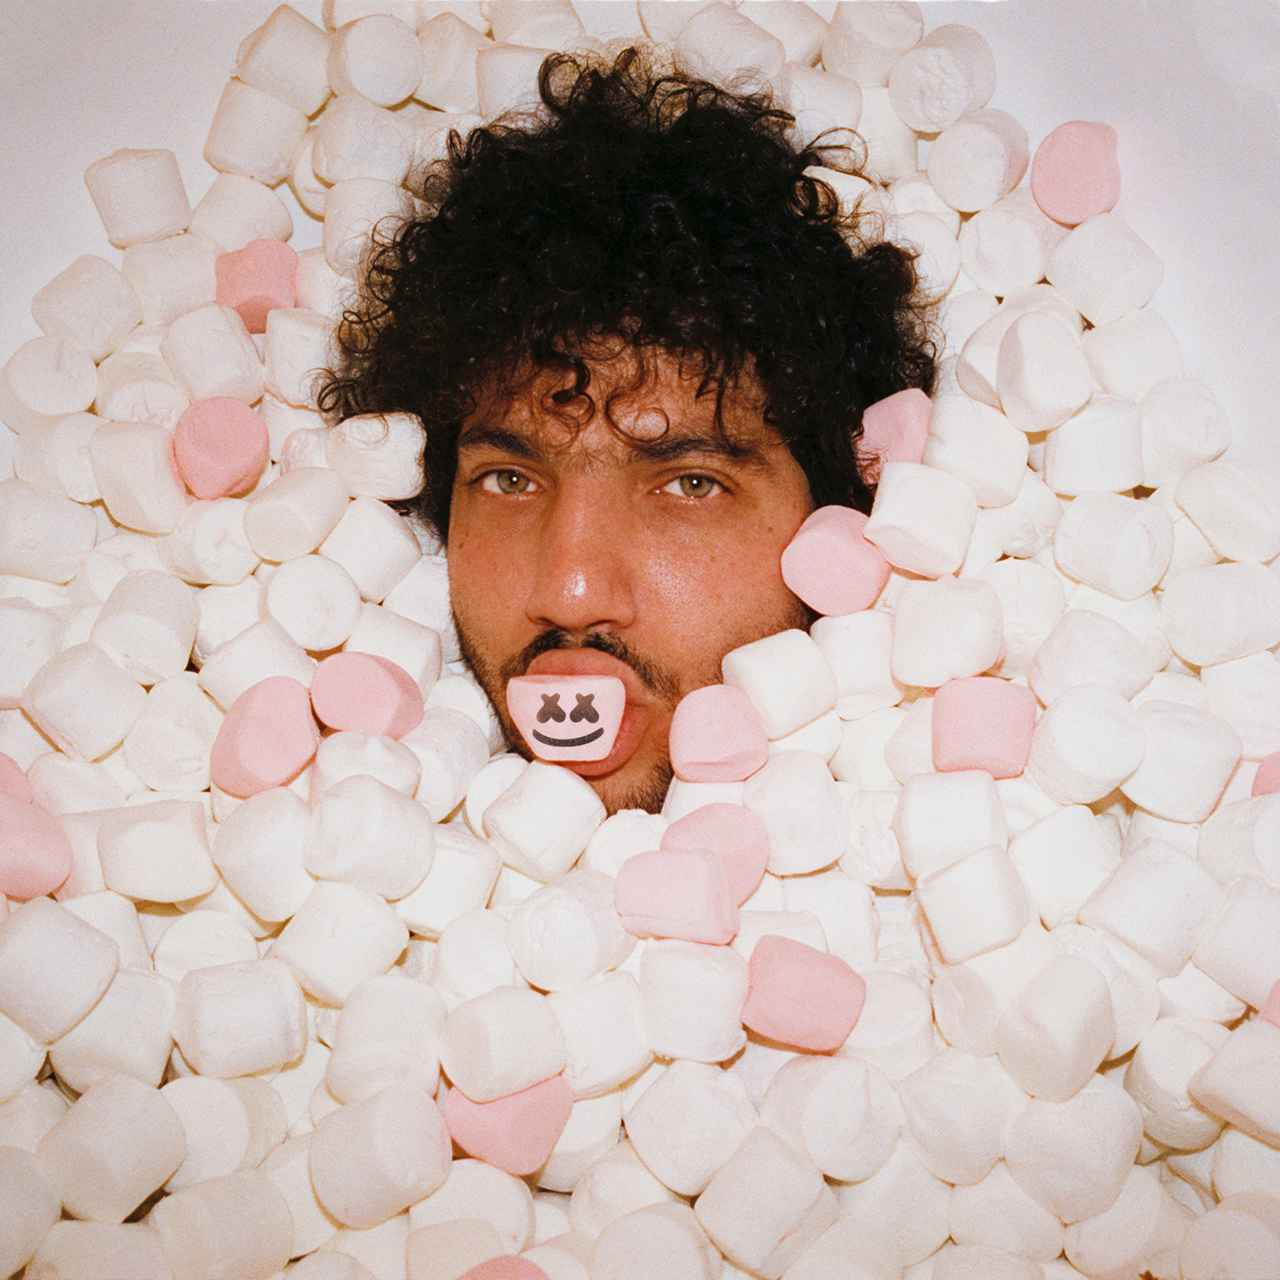 画像: ベニー・ブランコ、マシュメロ 、ヴァンス・ジョイが「You」でコラボ